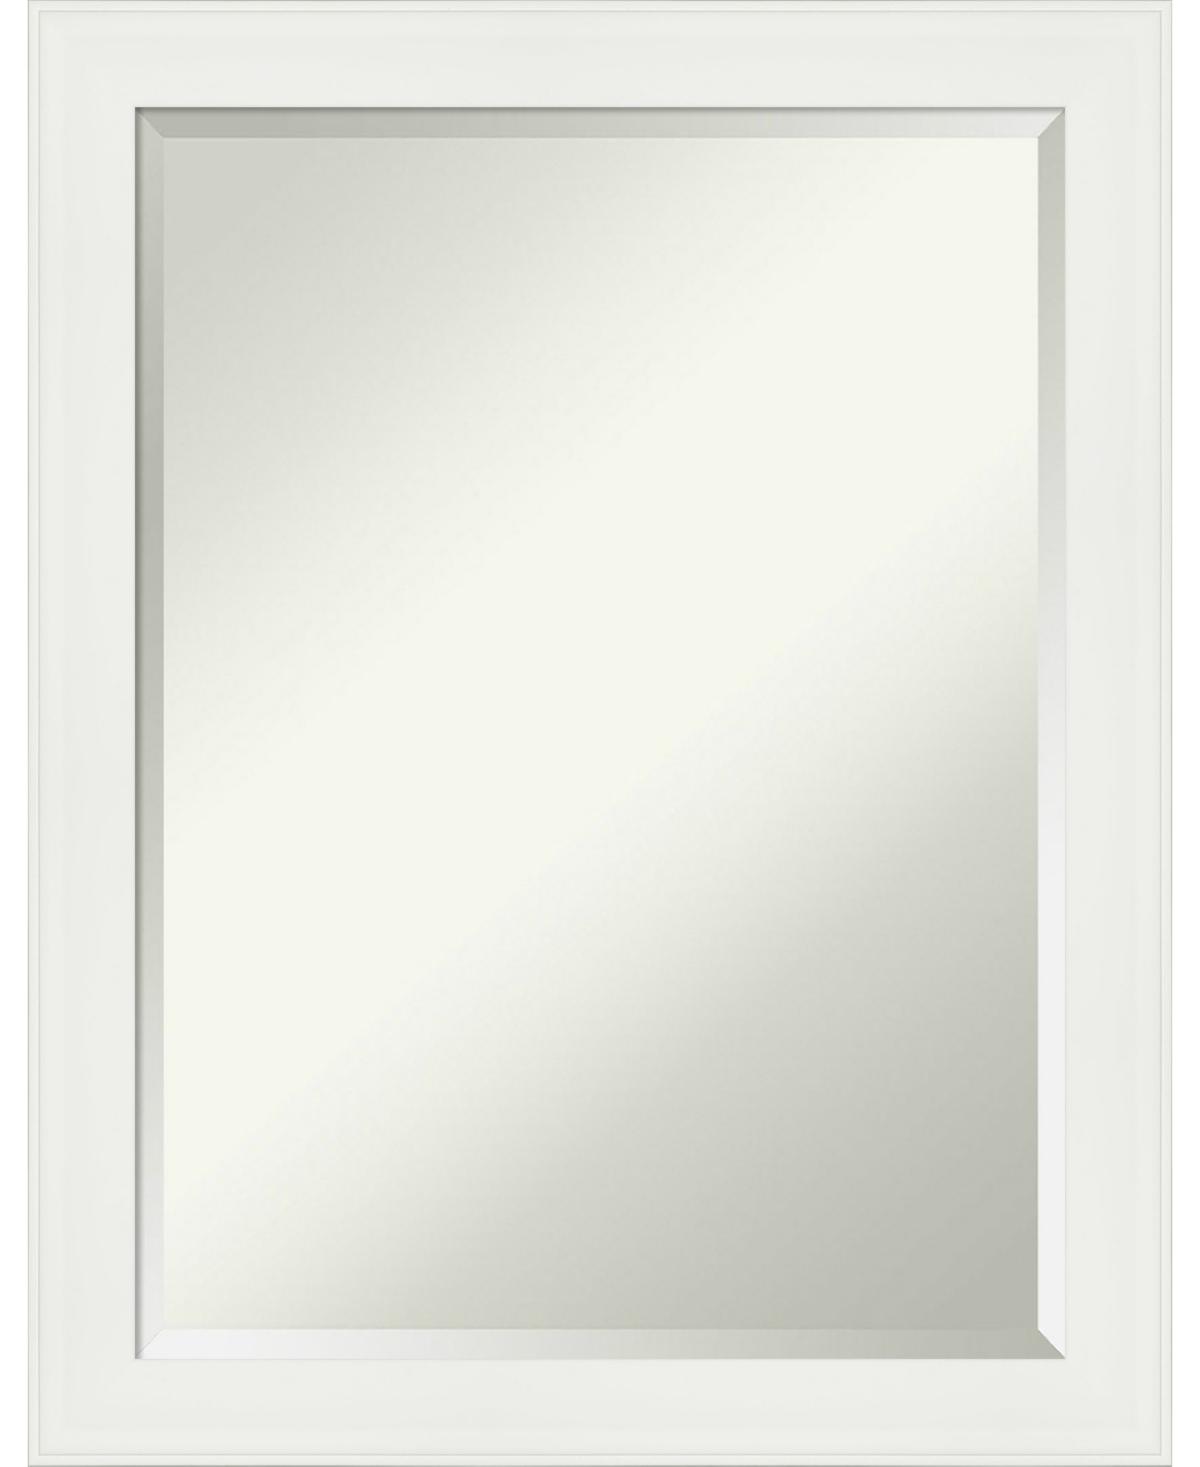 Amanti Art Vanity Framed Bathroom Vanity Wall Mirror, 21.38